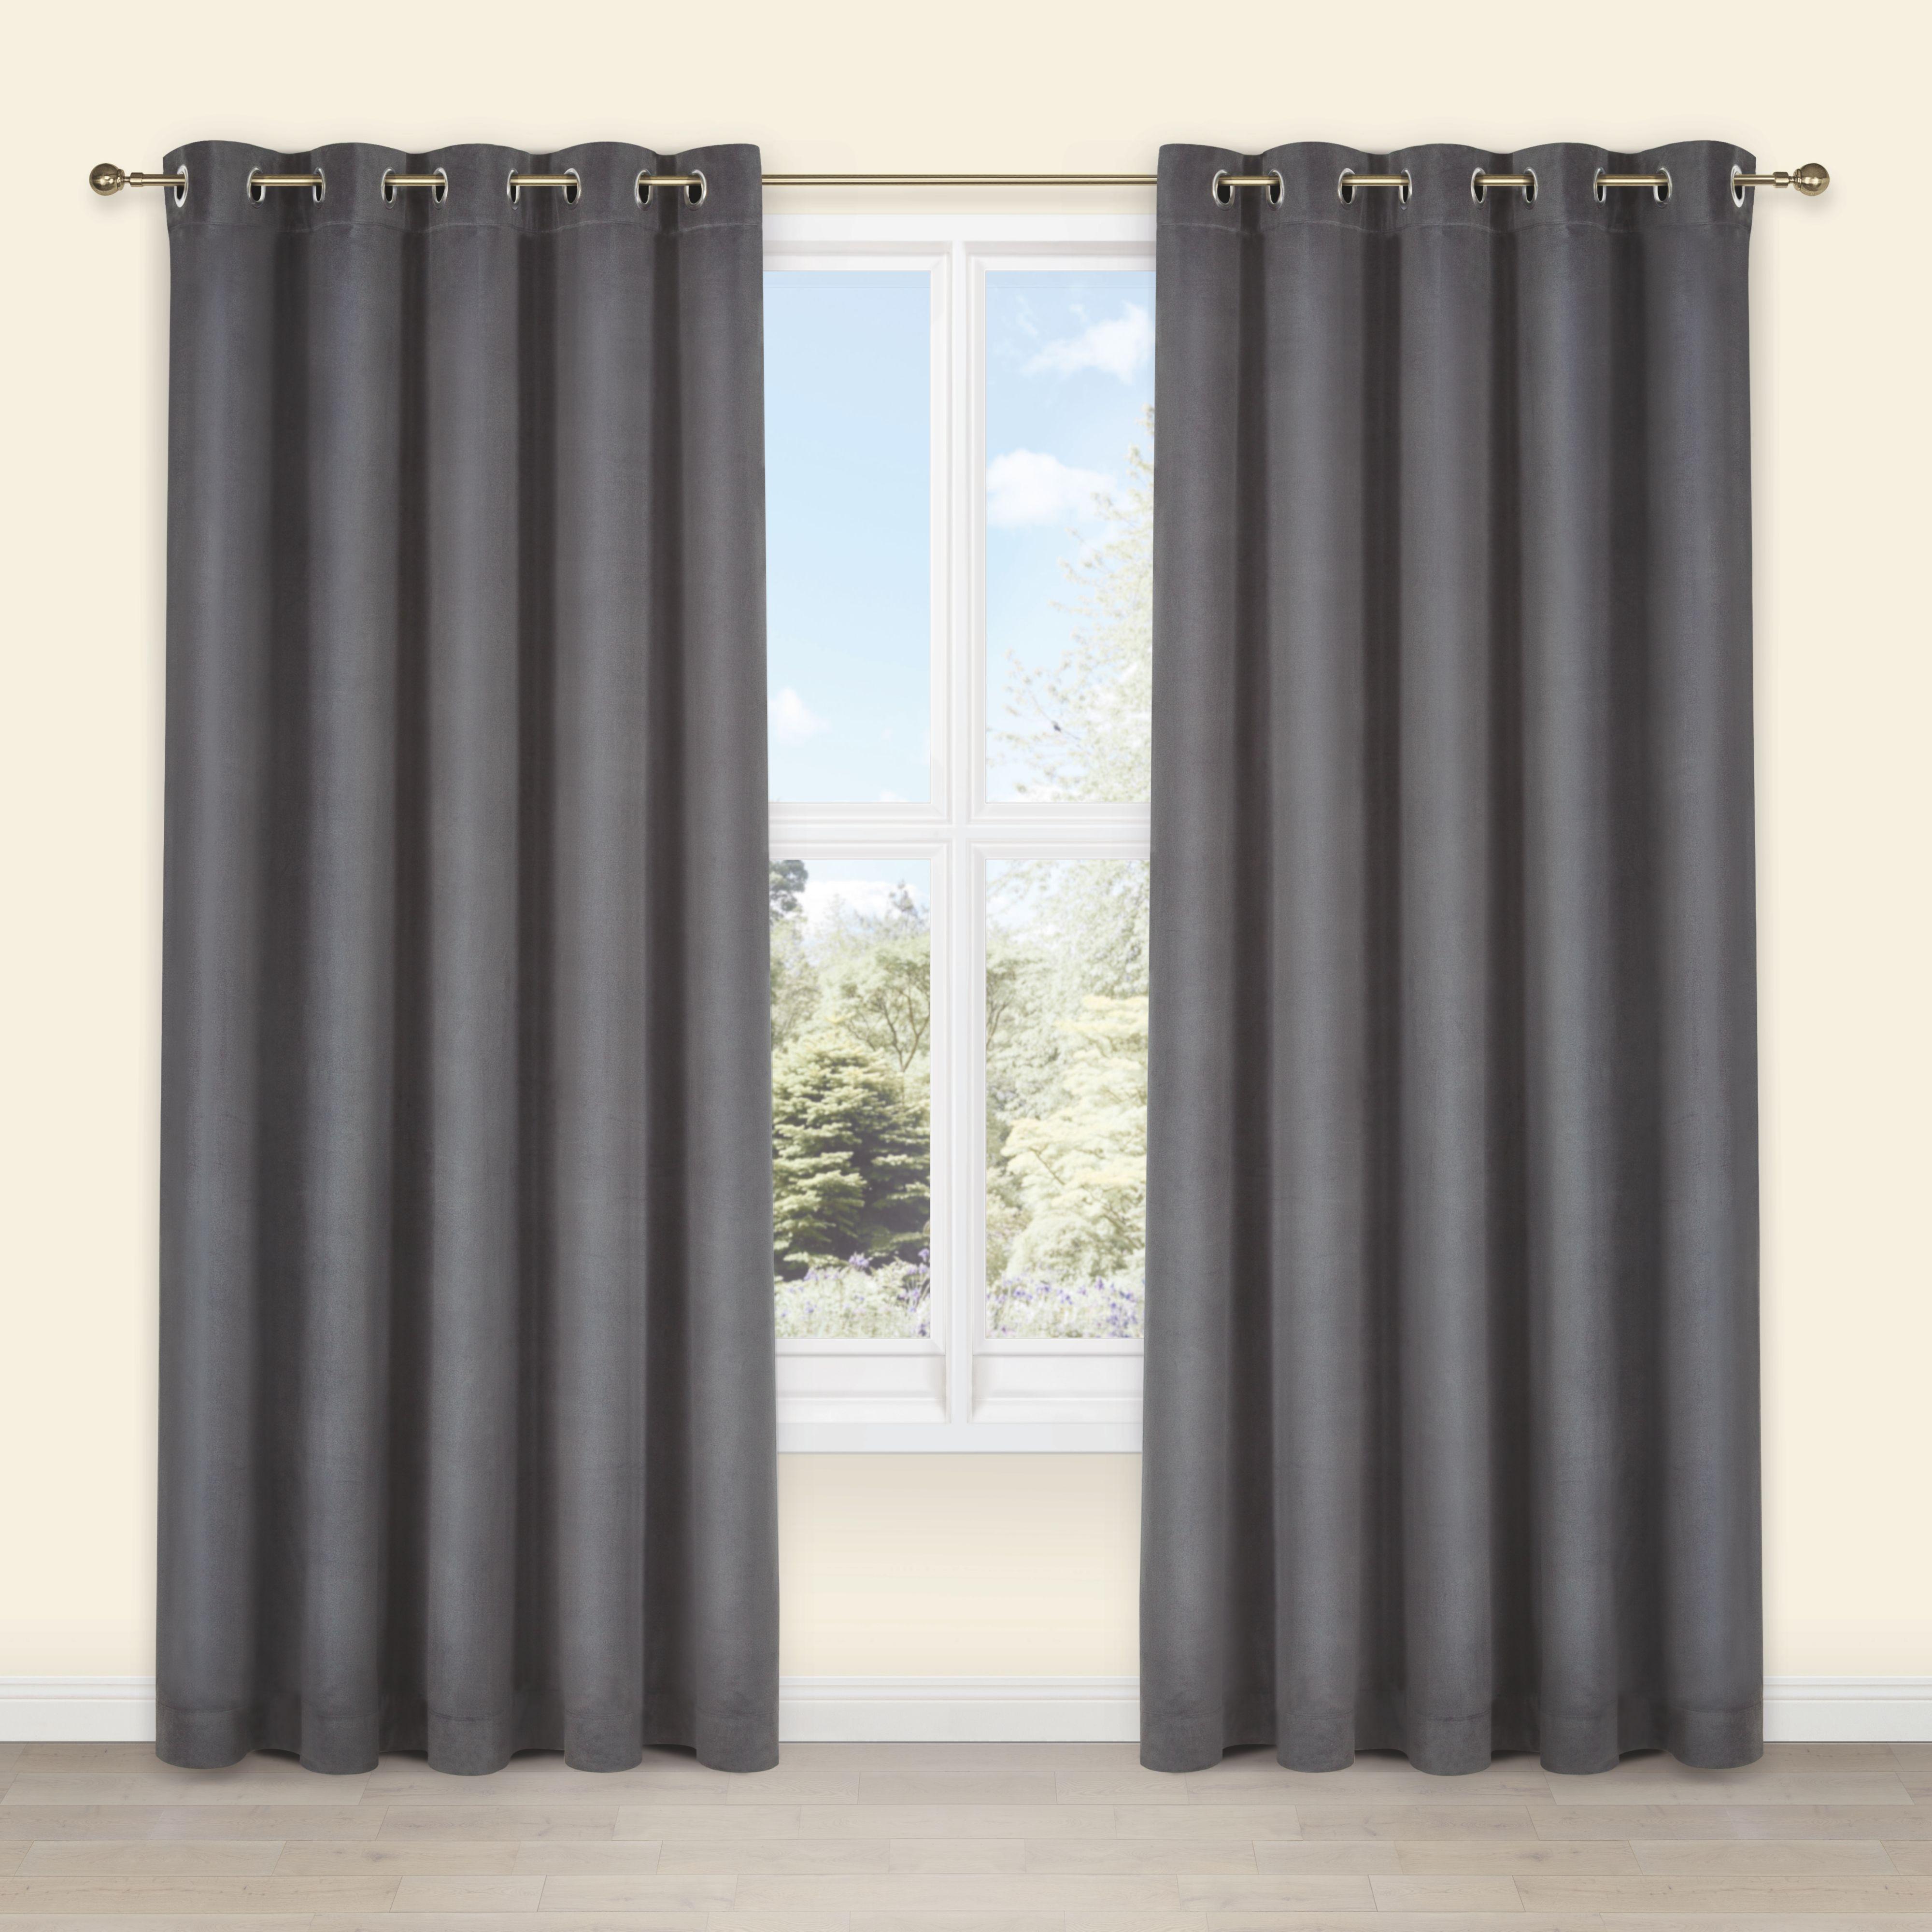 Theleme Anthracite Plain Velvet Eyelet Lined Curtains (W)228cm